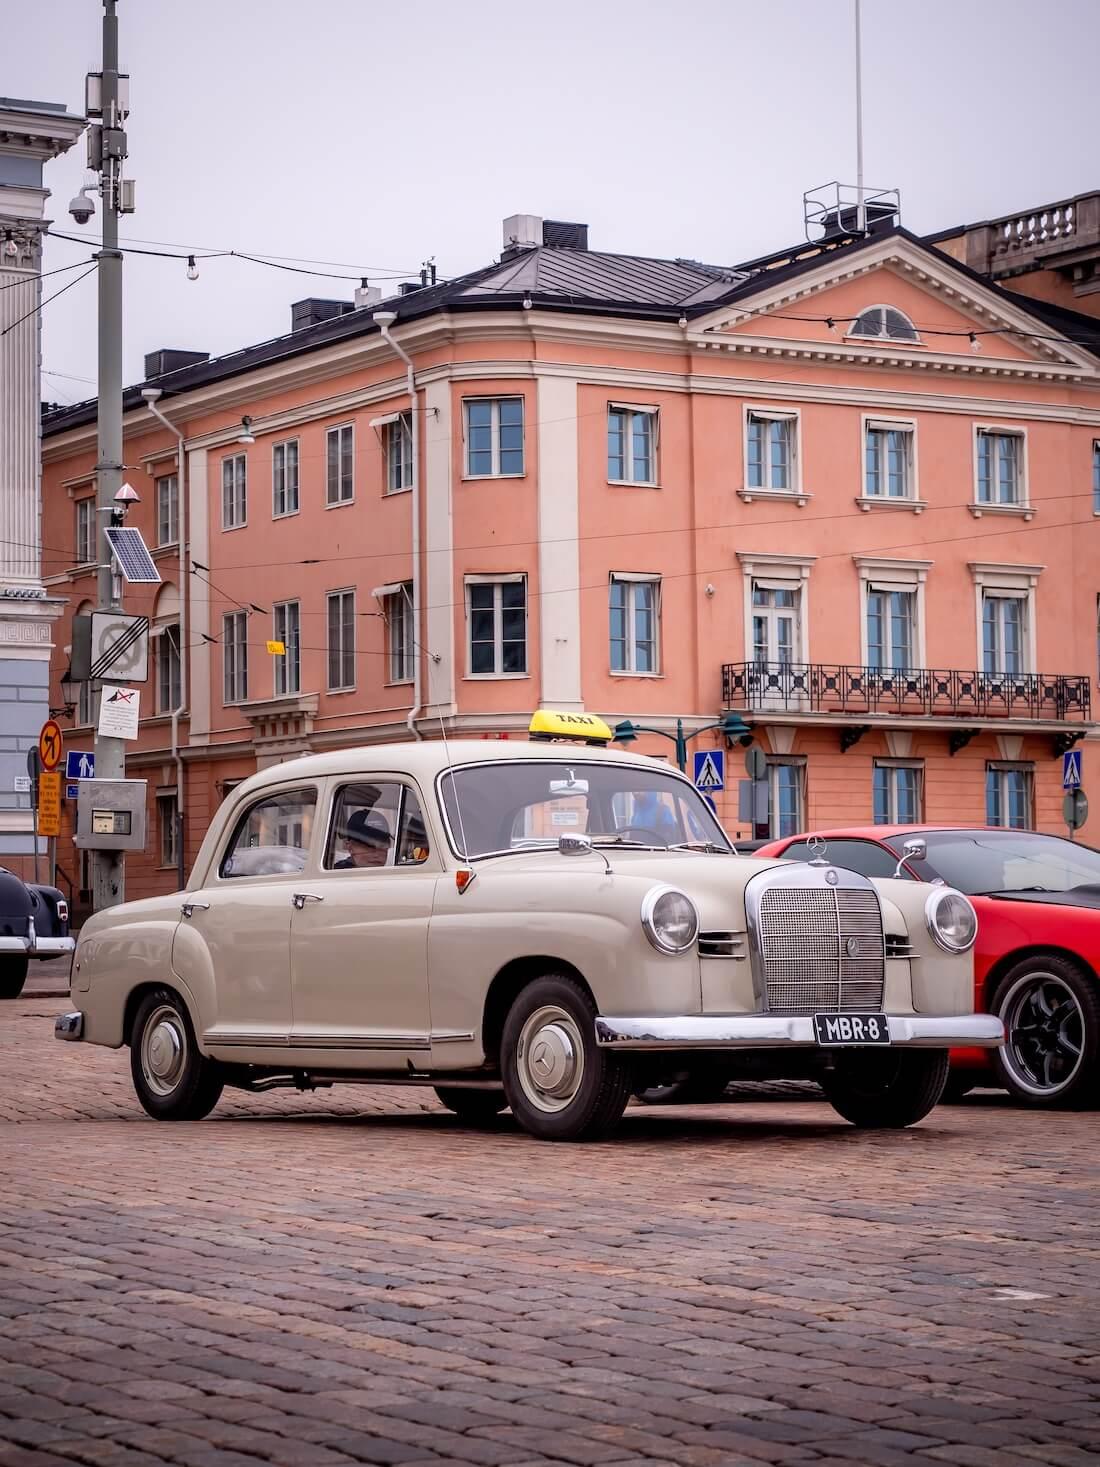 1962 MB W120 taksimersu Helsingin Kauppatorilla